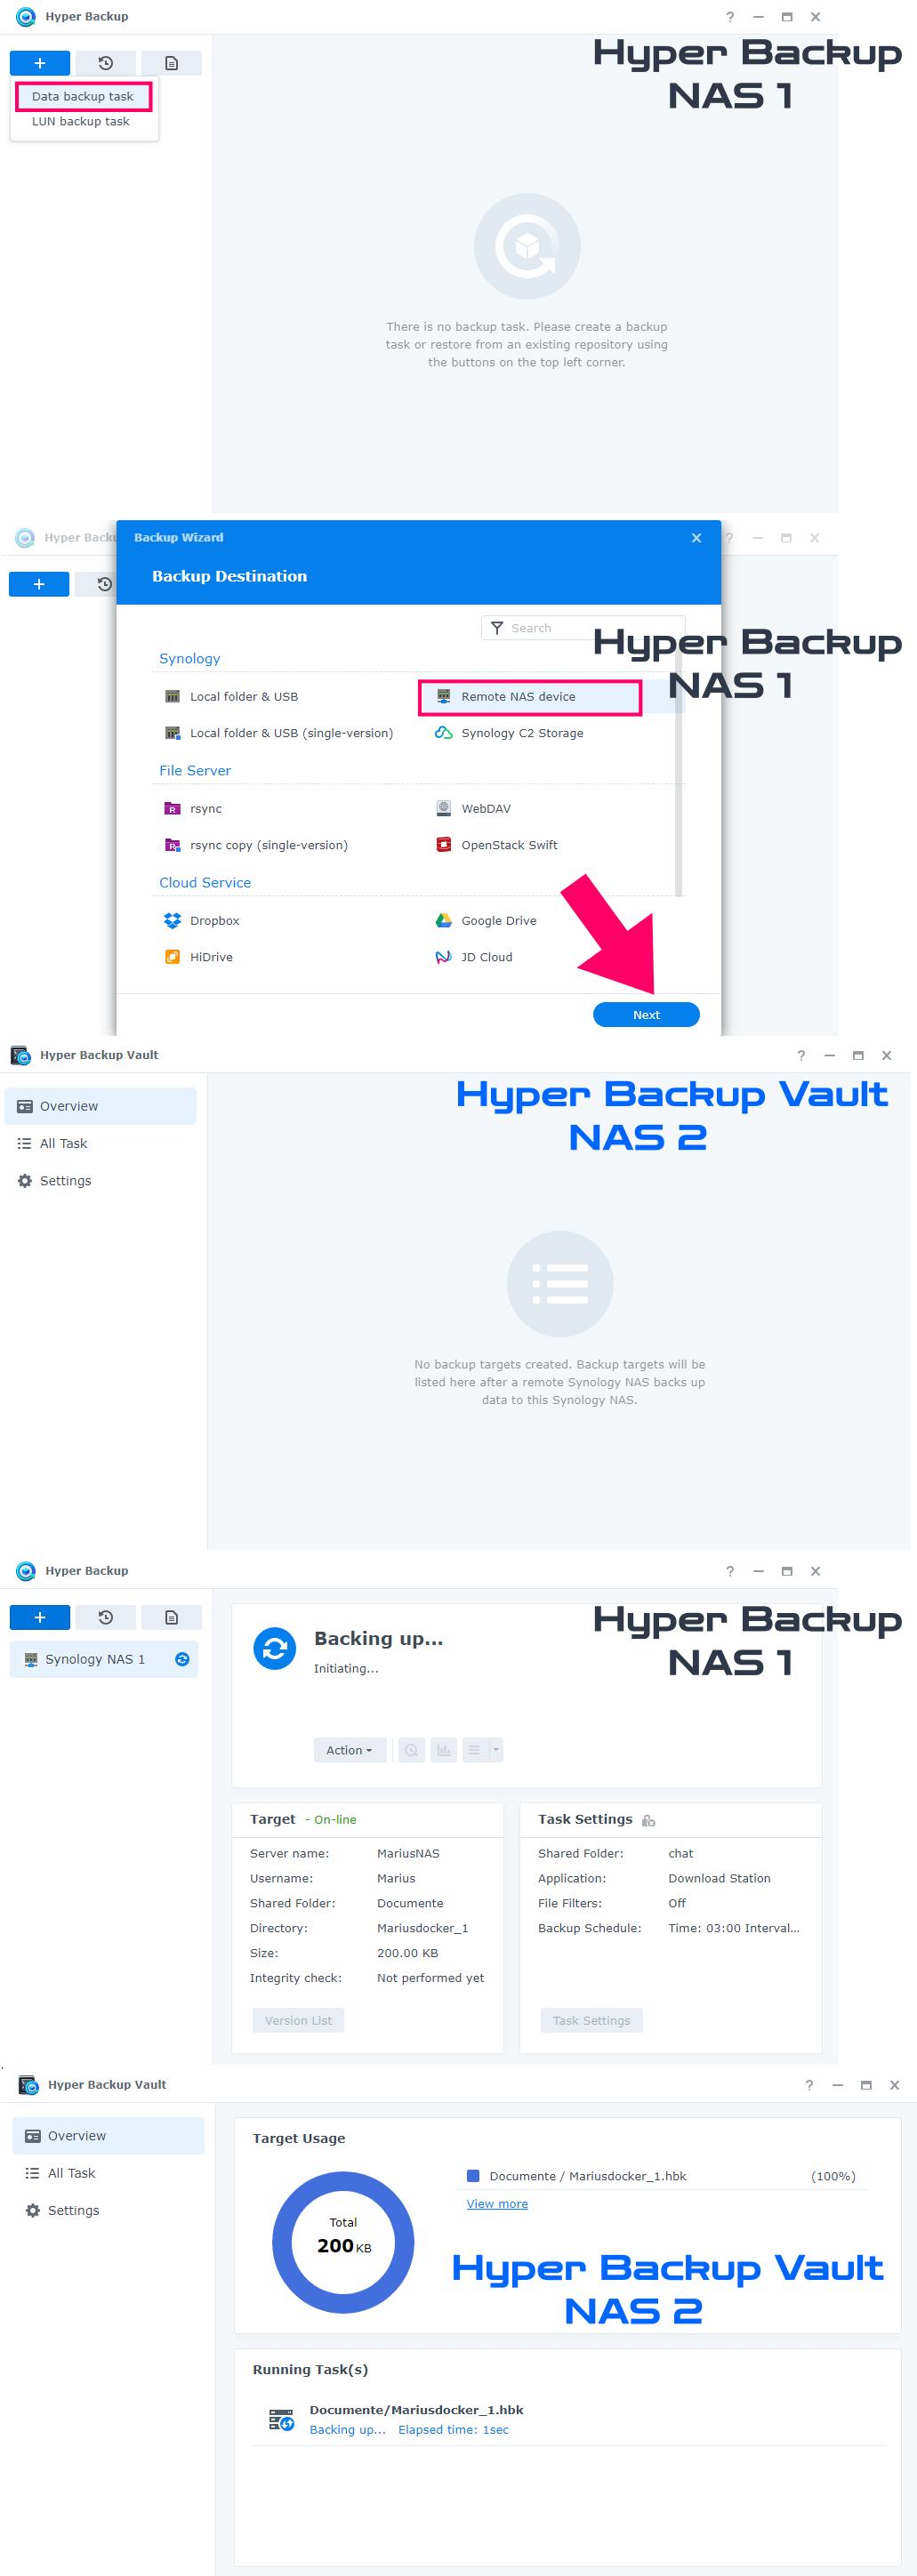 Synology Hyper Backup and Hyper Backup Vault Backup Destination